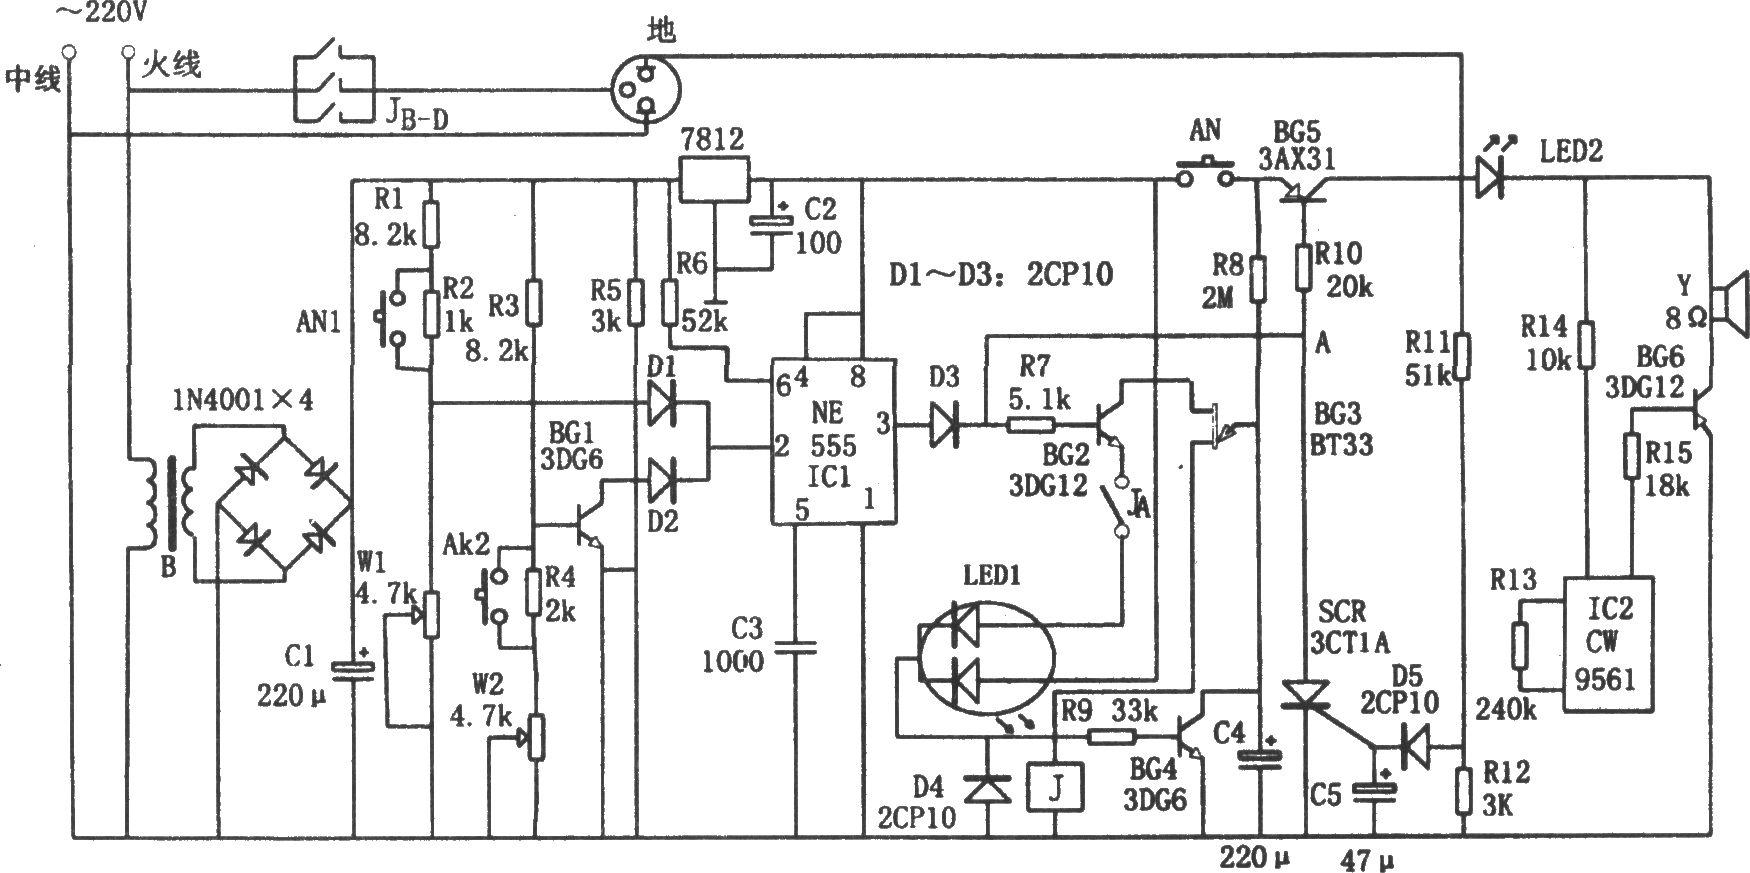 如图所示为电冰箱外壳漏电报警器电路。该电路由电源电路、单稳态触发器、检波与滤波电路、报警电路等组成。 当插在三孔插座上的冰箱一旦发生漏电时,泄漏电流从电源火线经冰箱外壳至三线插座的地线端,再经R11、R12后至电源中线构成回路,且泄漏电流经R11、R12分压,再经D5检波及C5滤波后,触发可控3CT1A导通,使A点电位钳位于0.